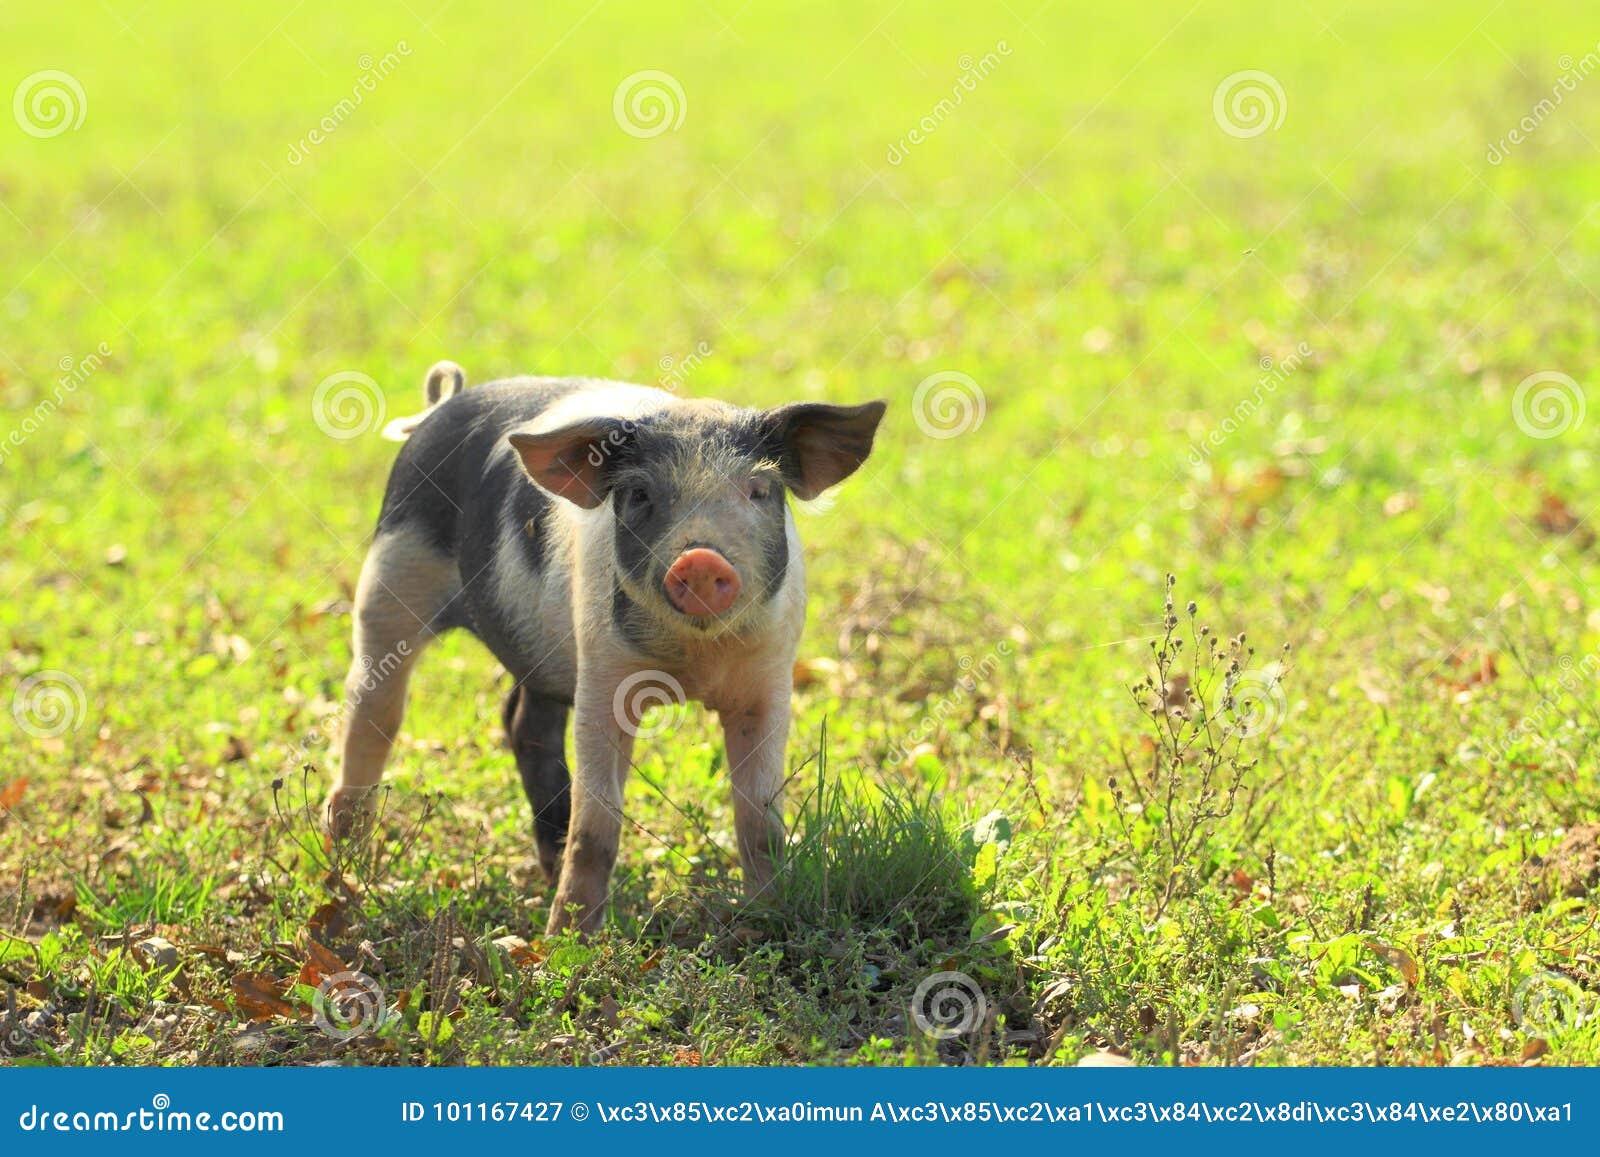 Piglet on farm